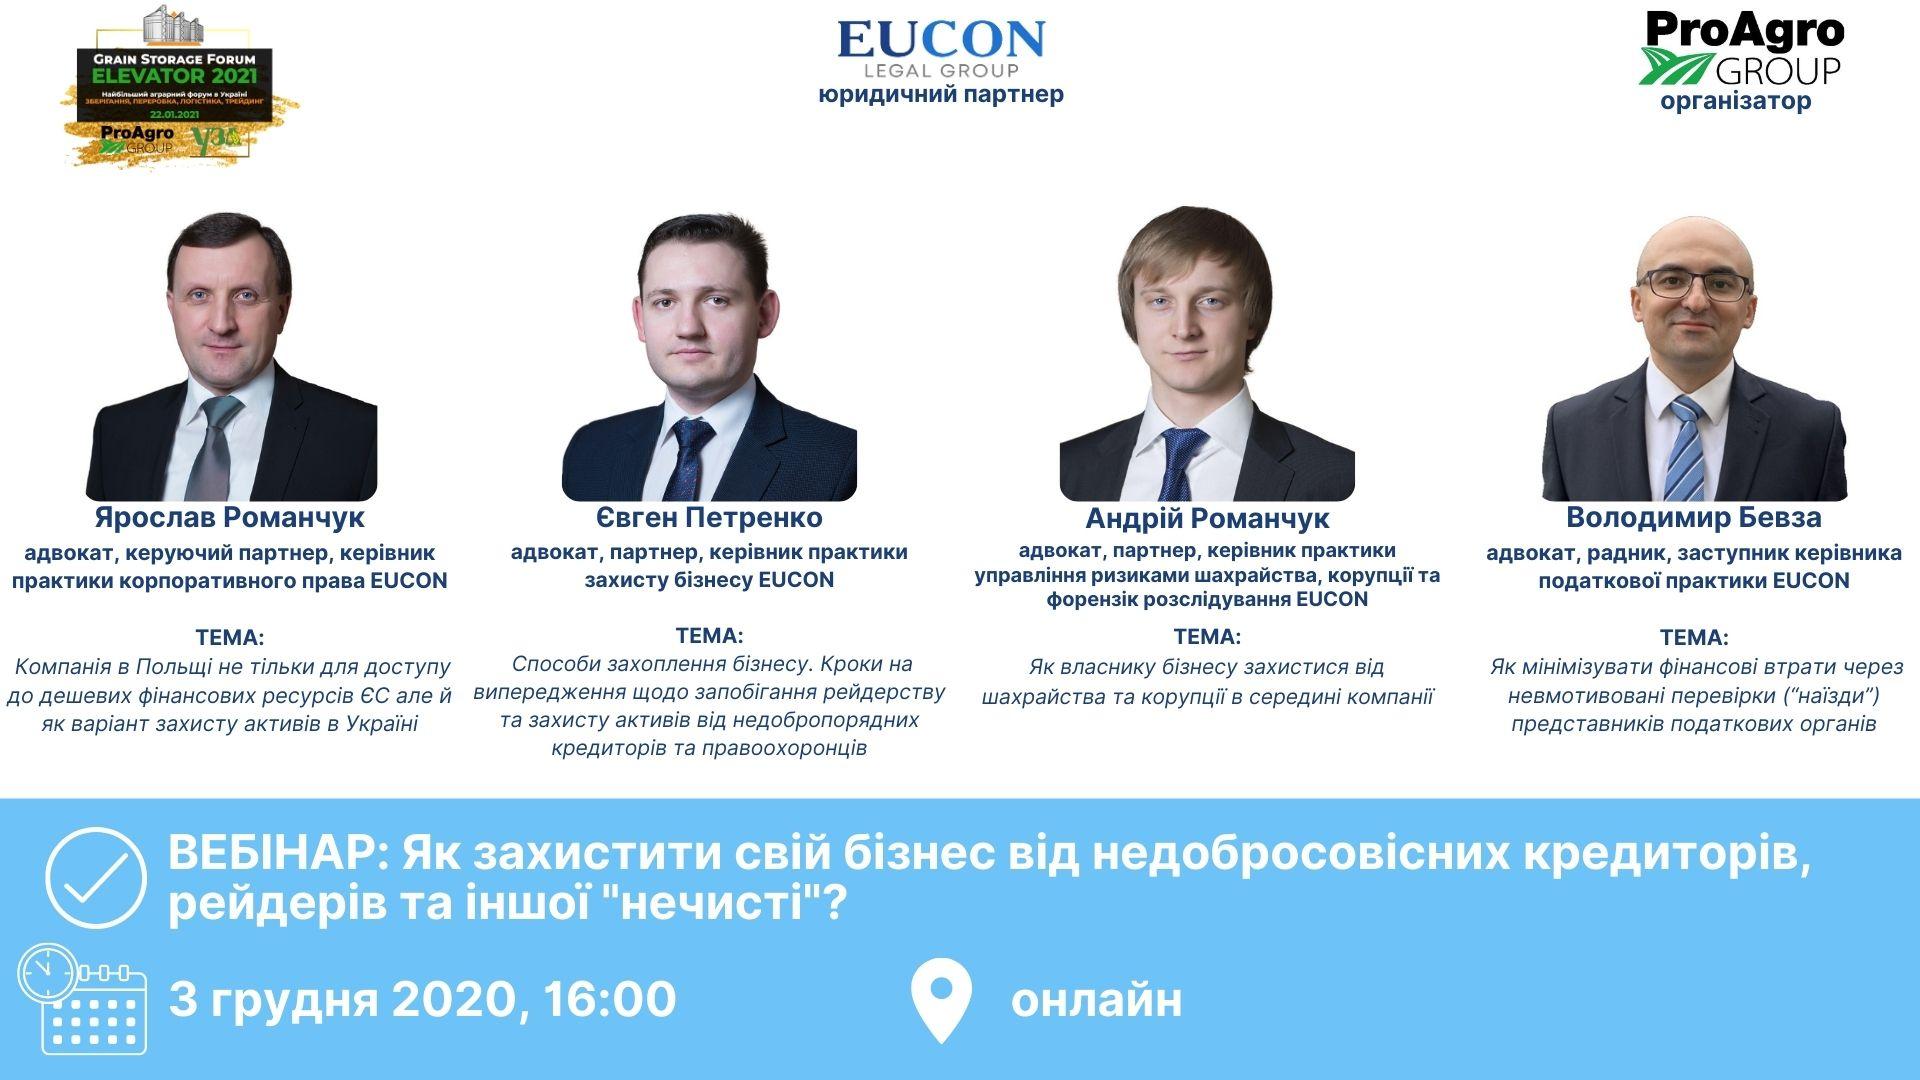 """Bezprawne działania organizacji przestępczych, oszustwa i inne """"złe duchy"""": odbyło się drugie, wspólne, bezpłatne webinarium EUCON Grupy Prawniczej i ProAgro Group"""